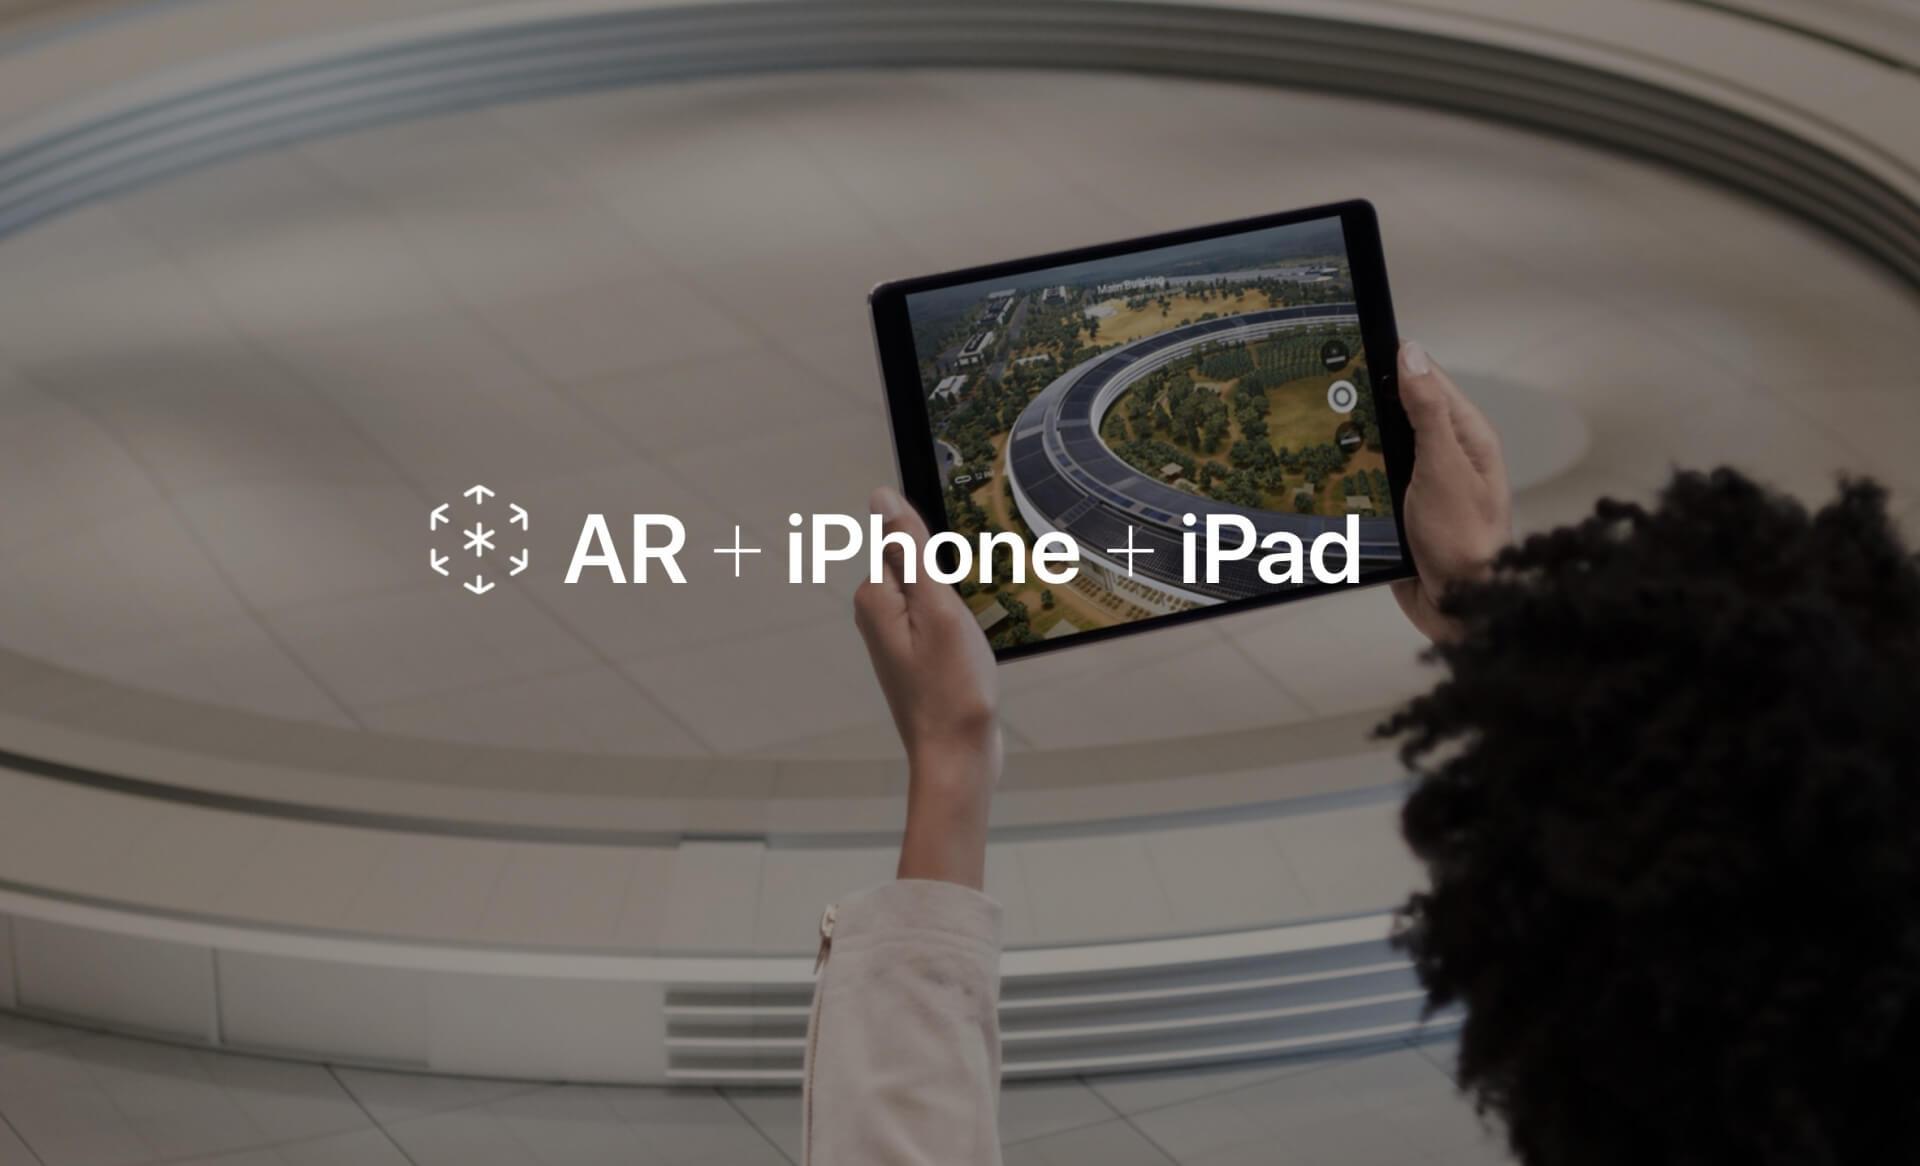 AR iOS